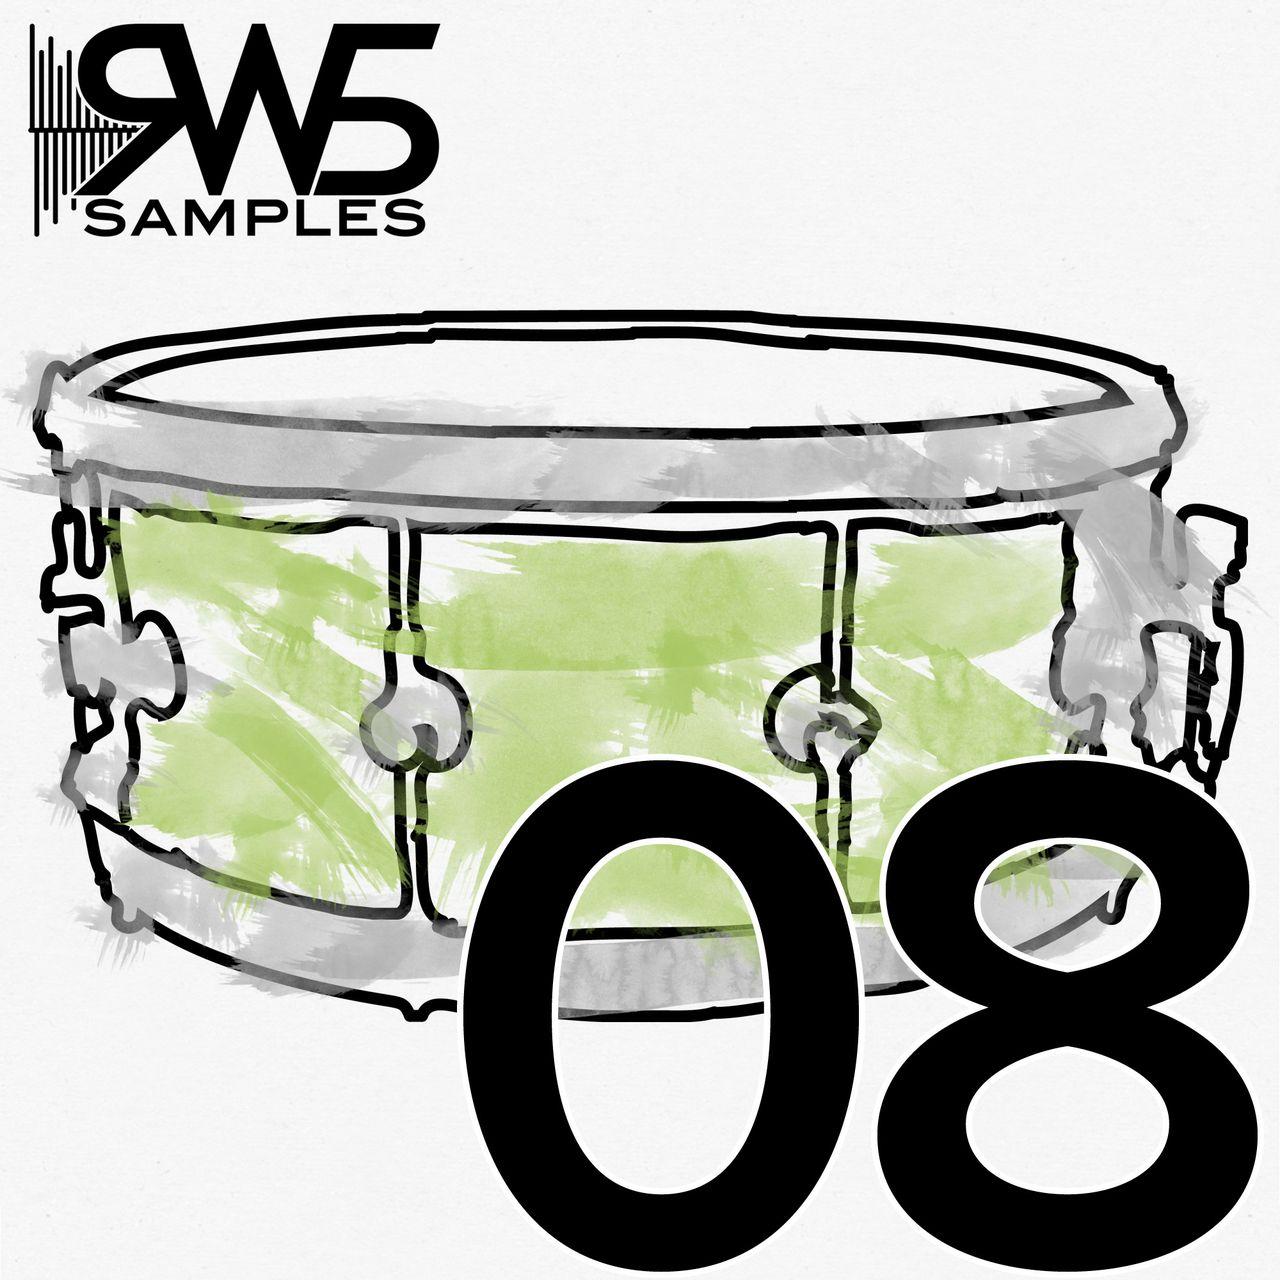 RW5 Snare 08